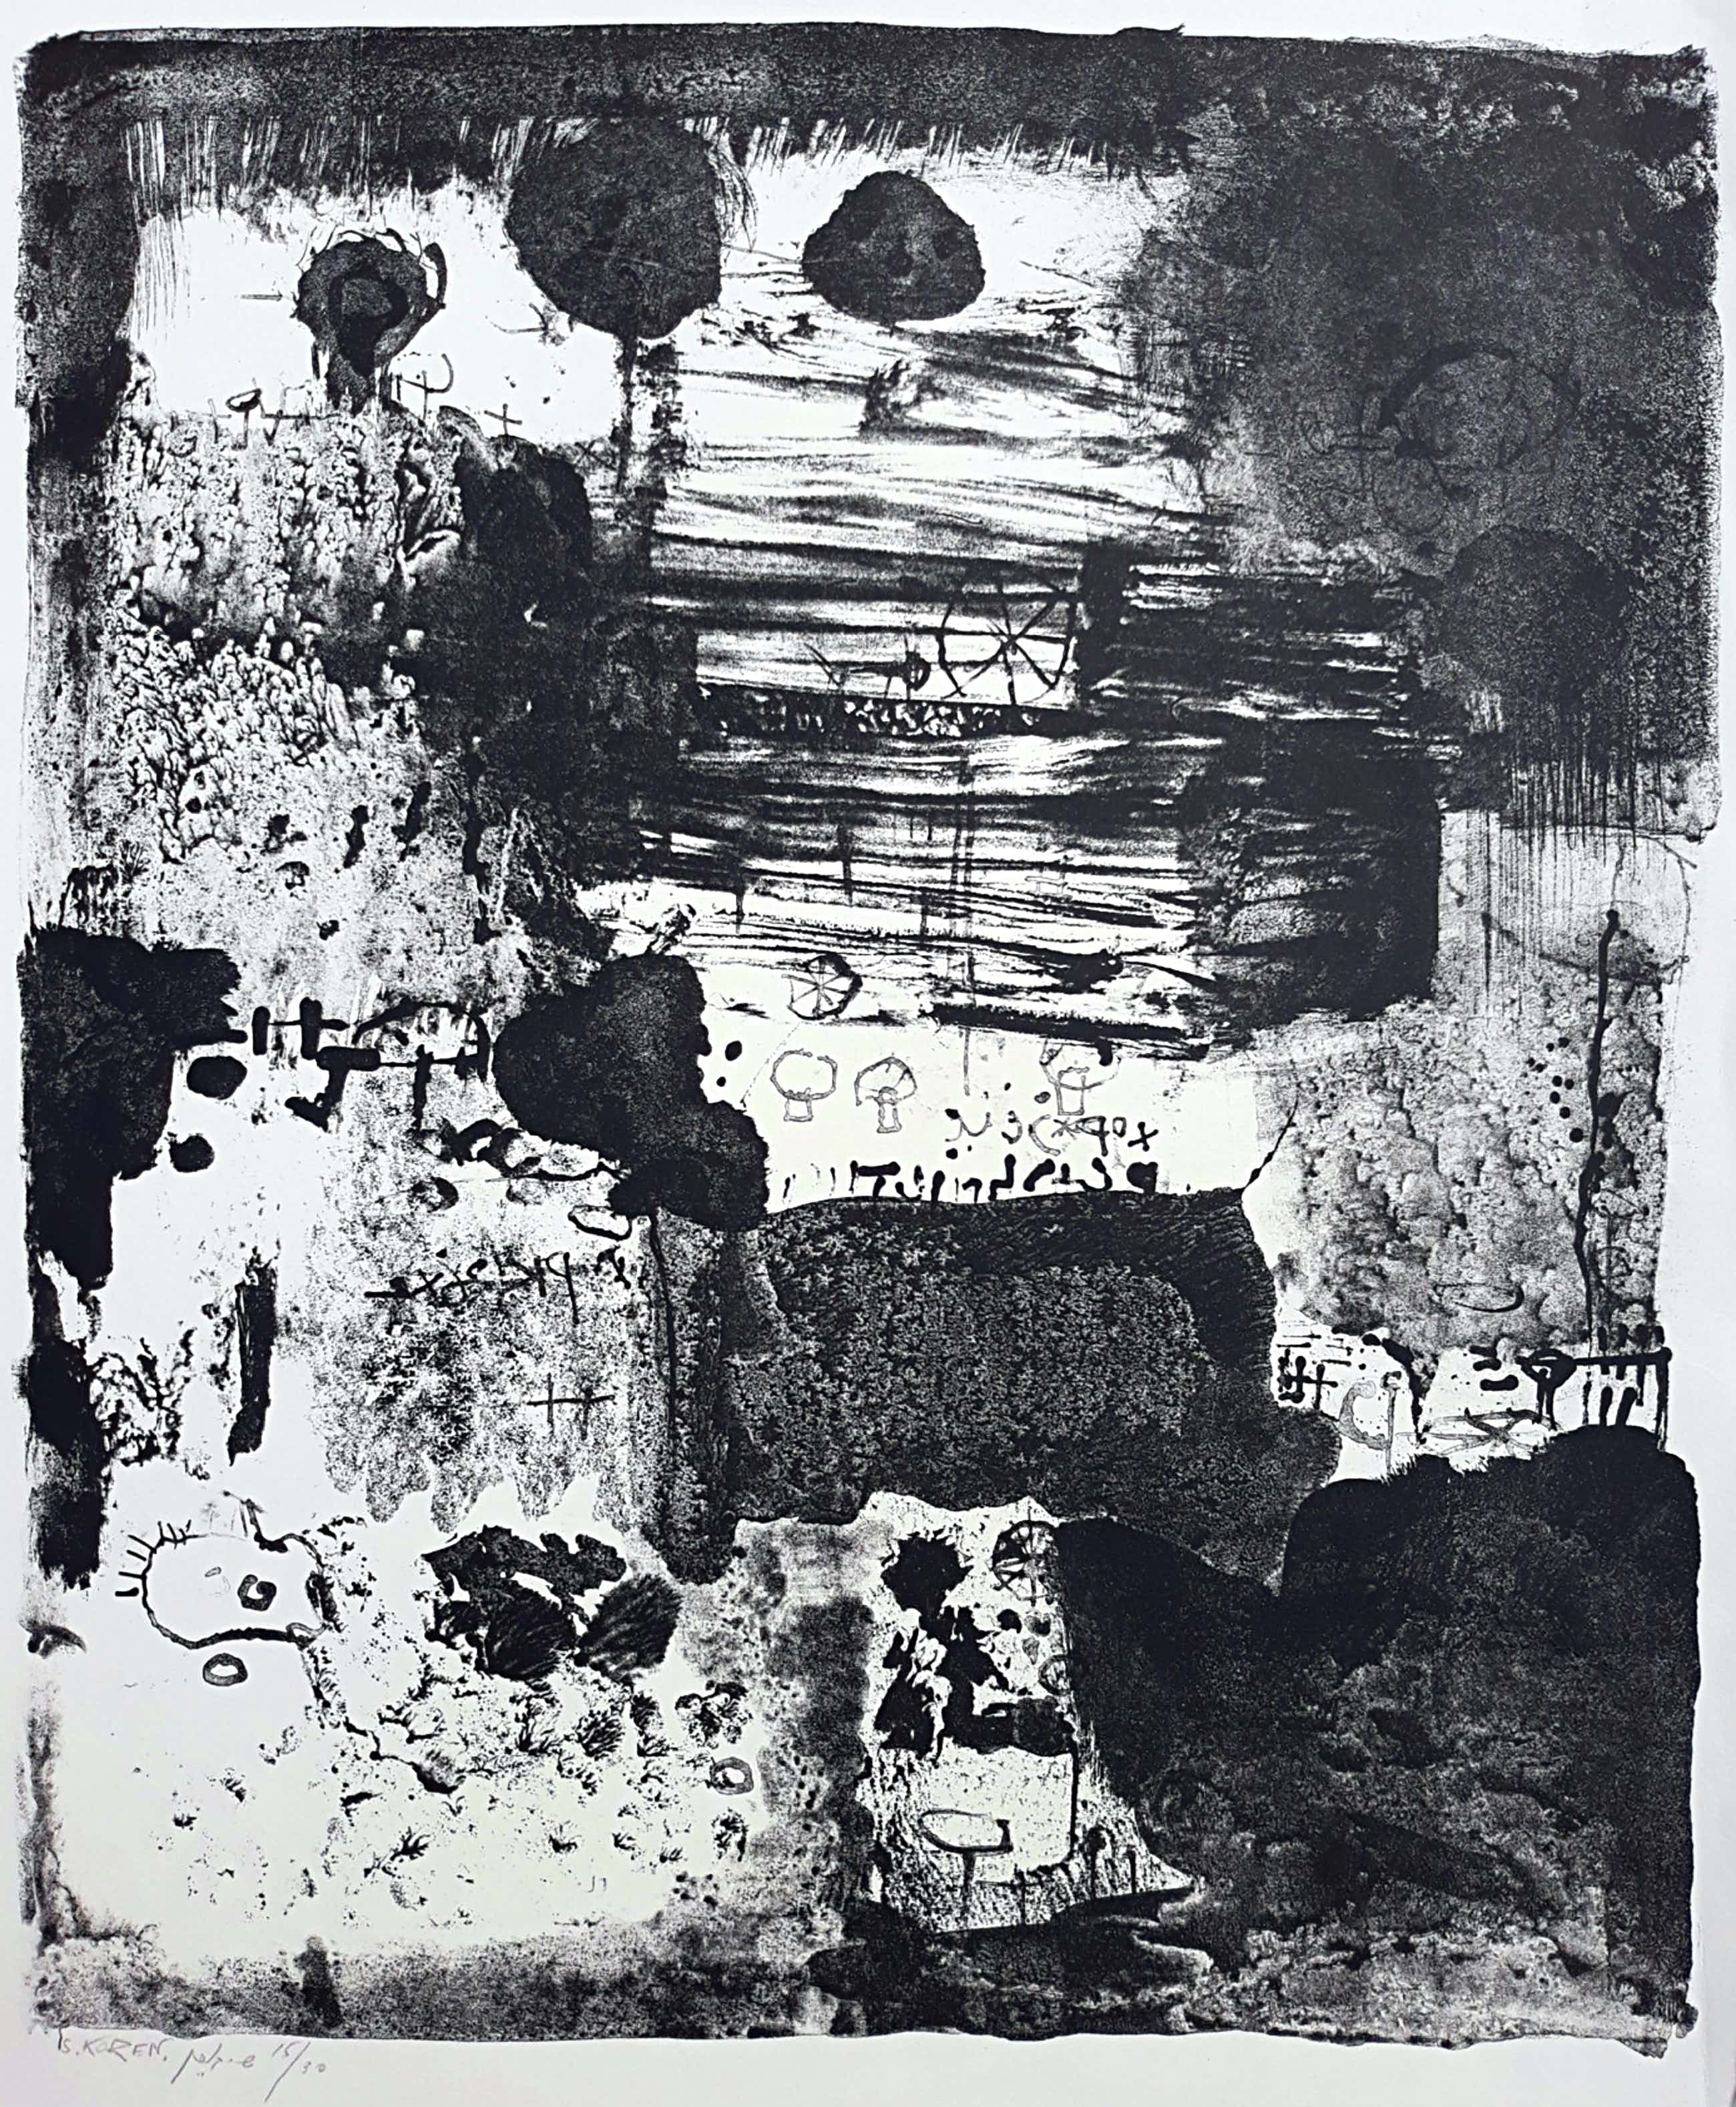 Shlomo Koren - Abstracte compositie, litho kopen? Bied vanaf 40!